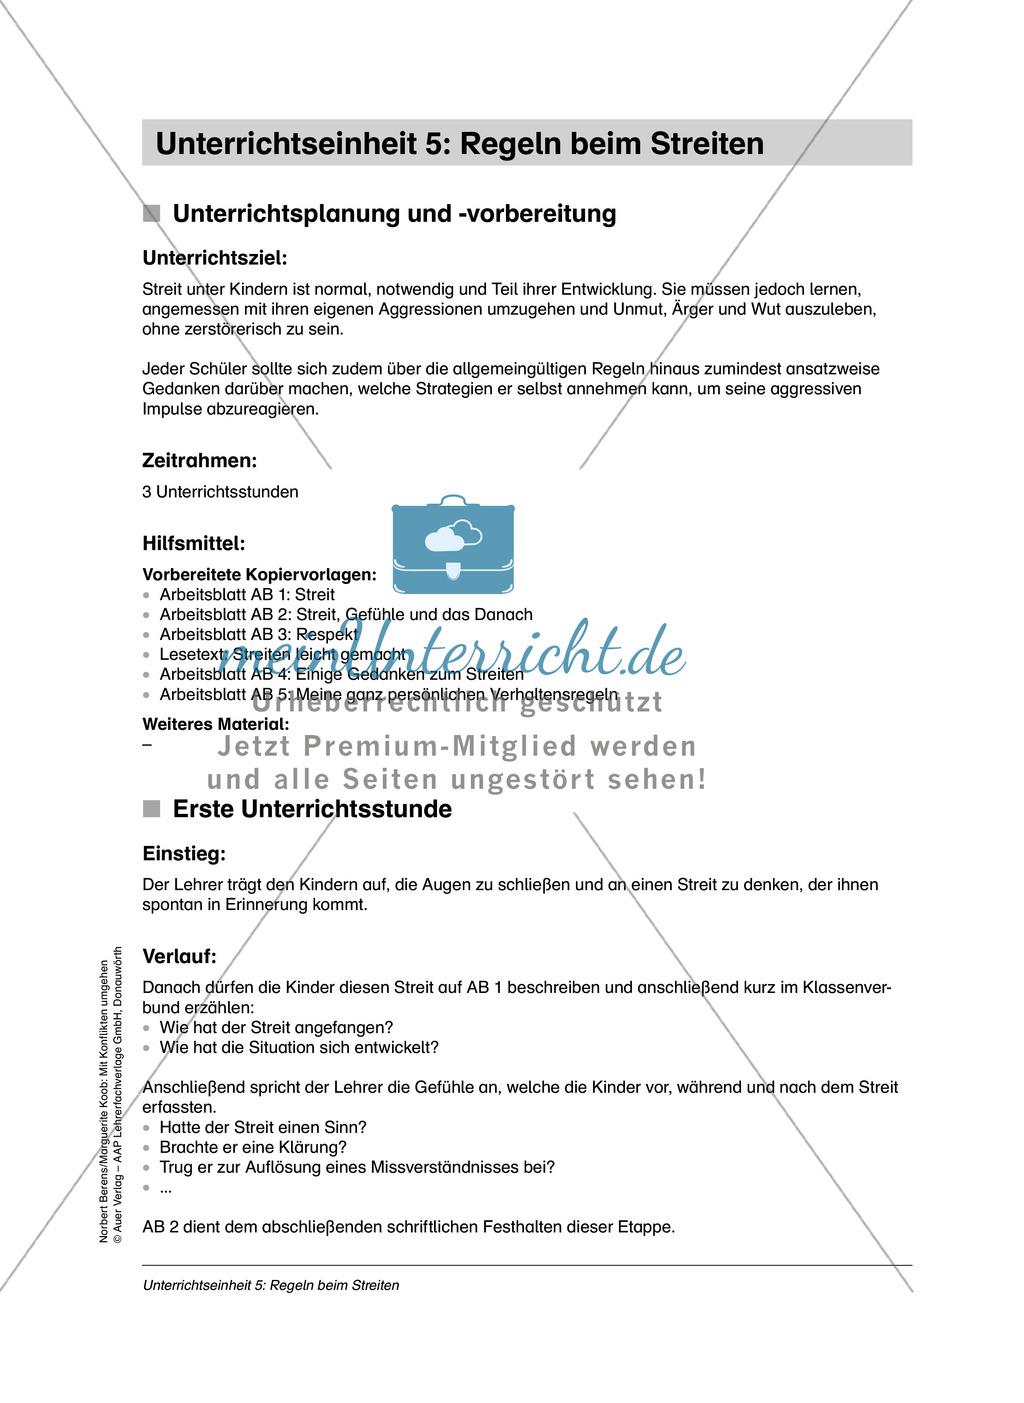 Enchanting Wut Zyklus Arbeitsblatt Image Collection - Kindergarten ...